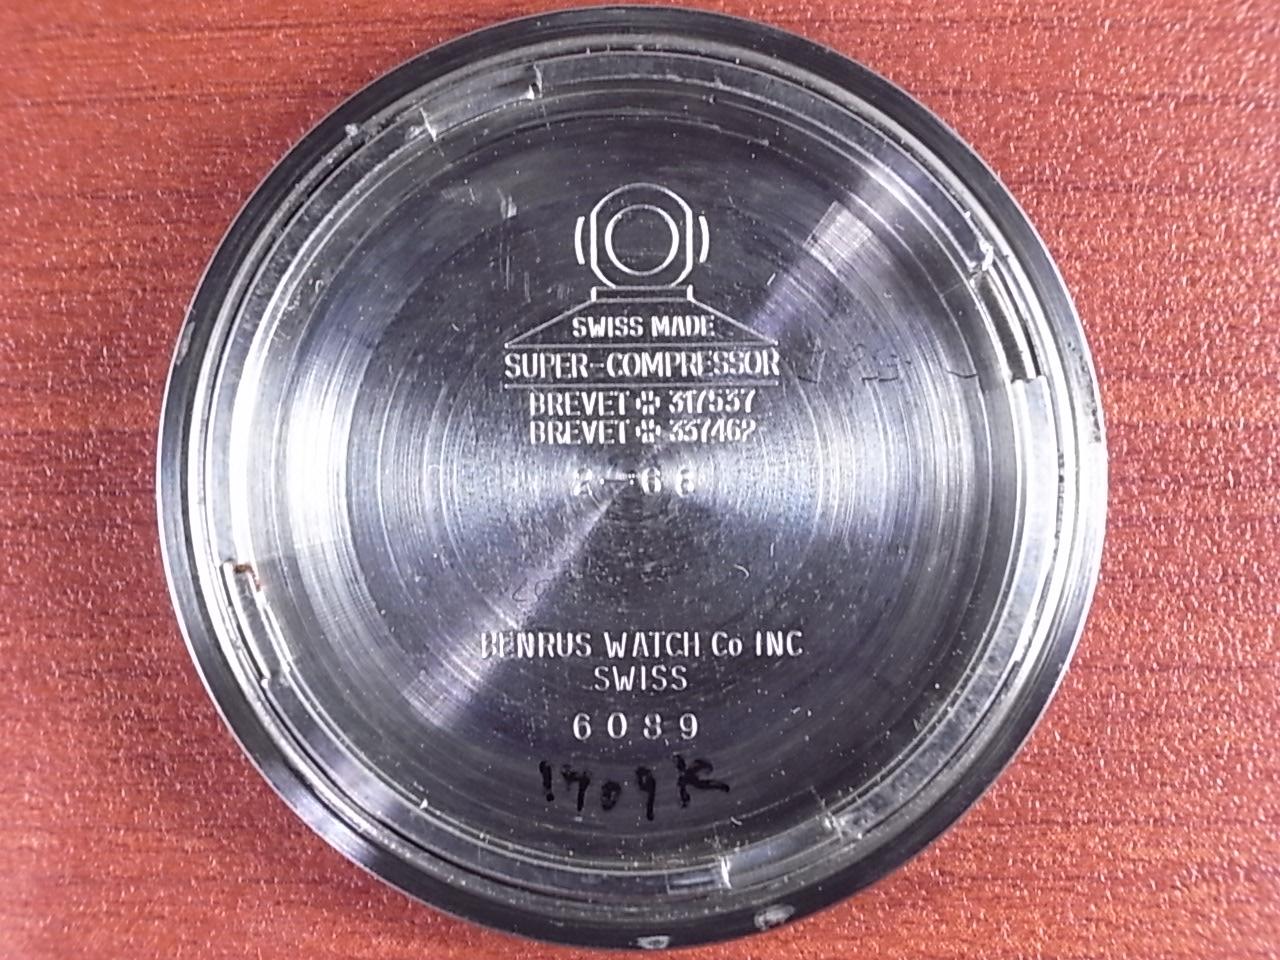 ベンラス ウルトラディープ スーパーコンプレッサー 1960年代の写真6枚目